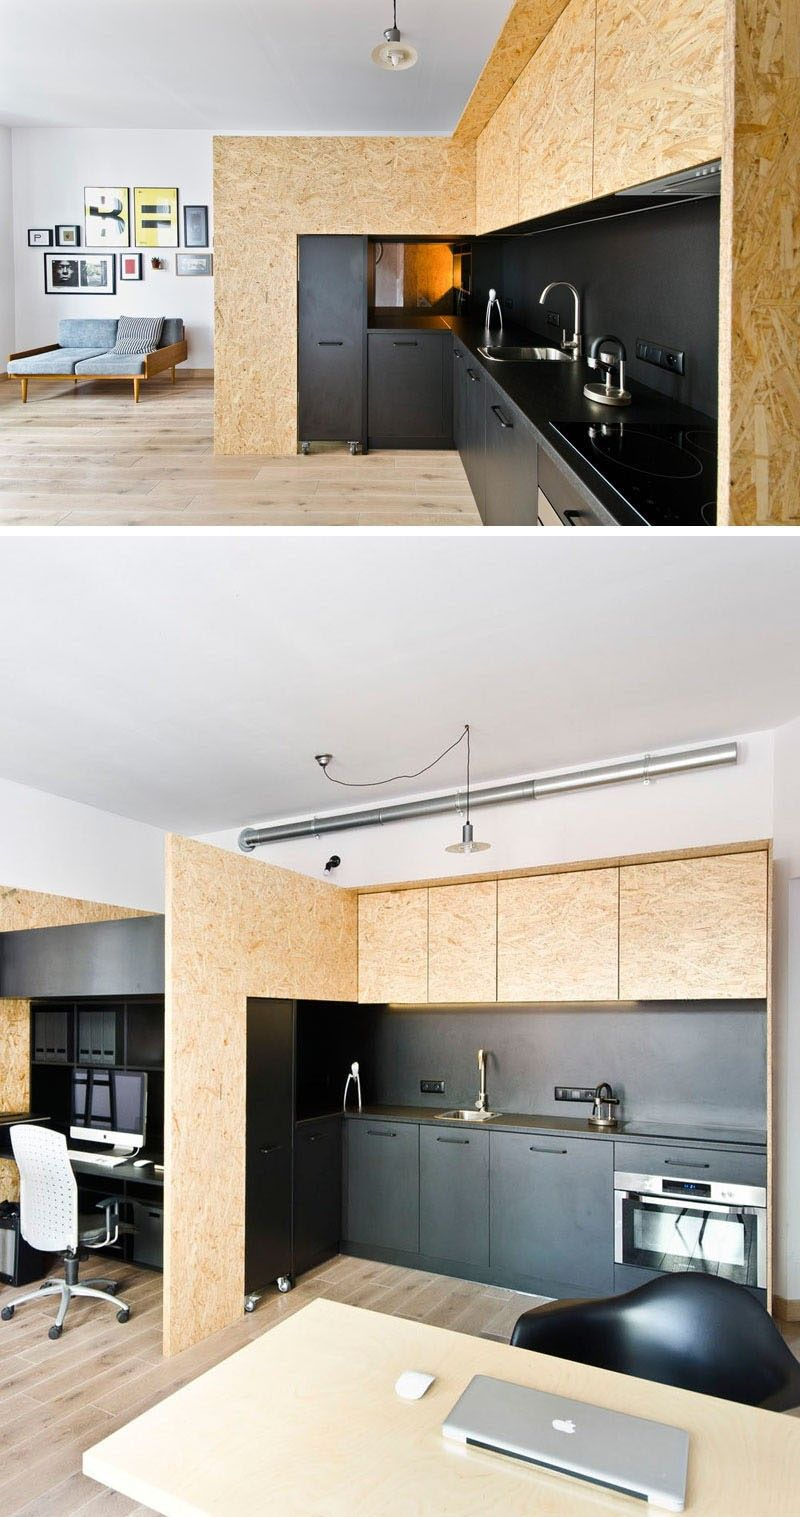 kche design ideen 14 kchen die das beste aus einem kleinen raum machen - Home Interior Designideen Fr Kleine Rume